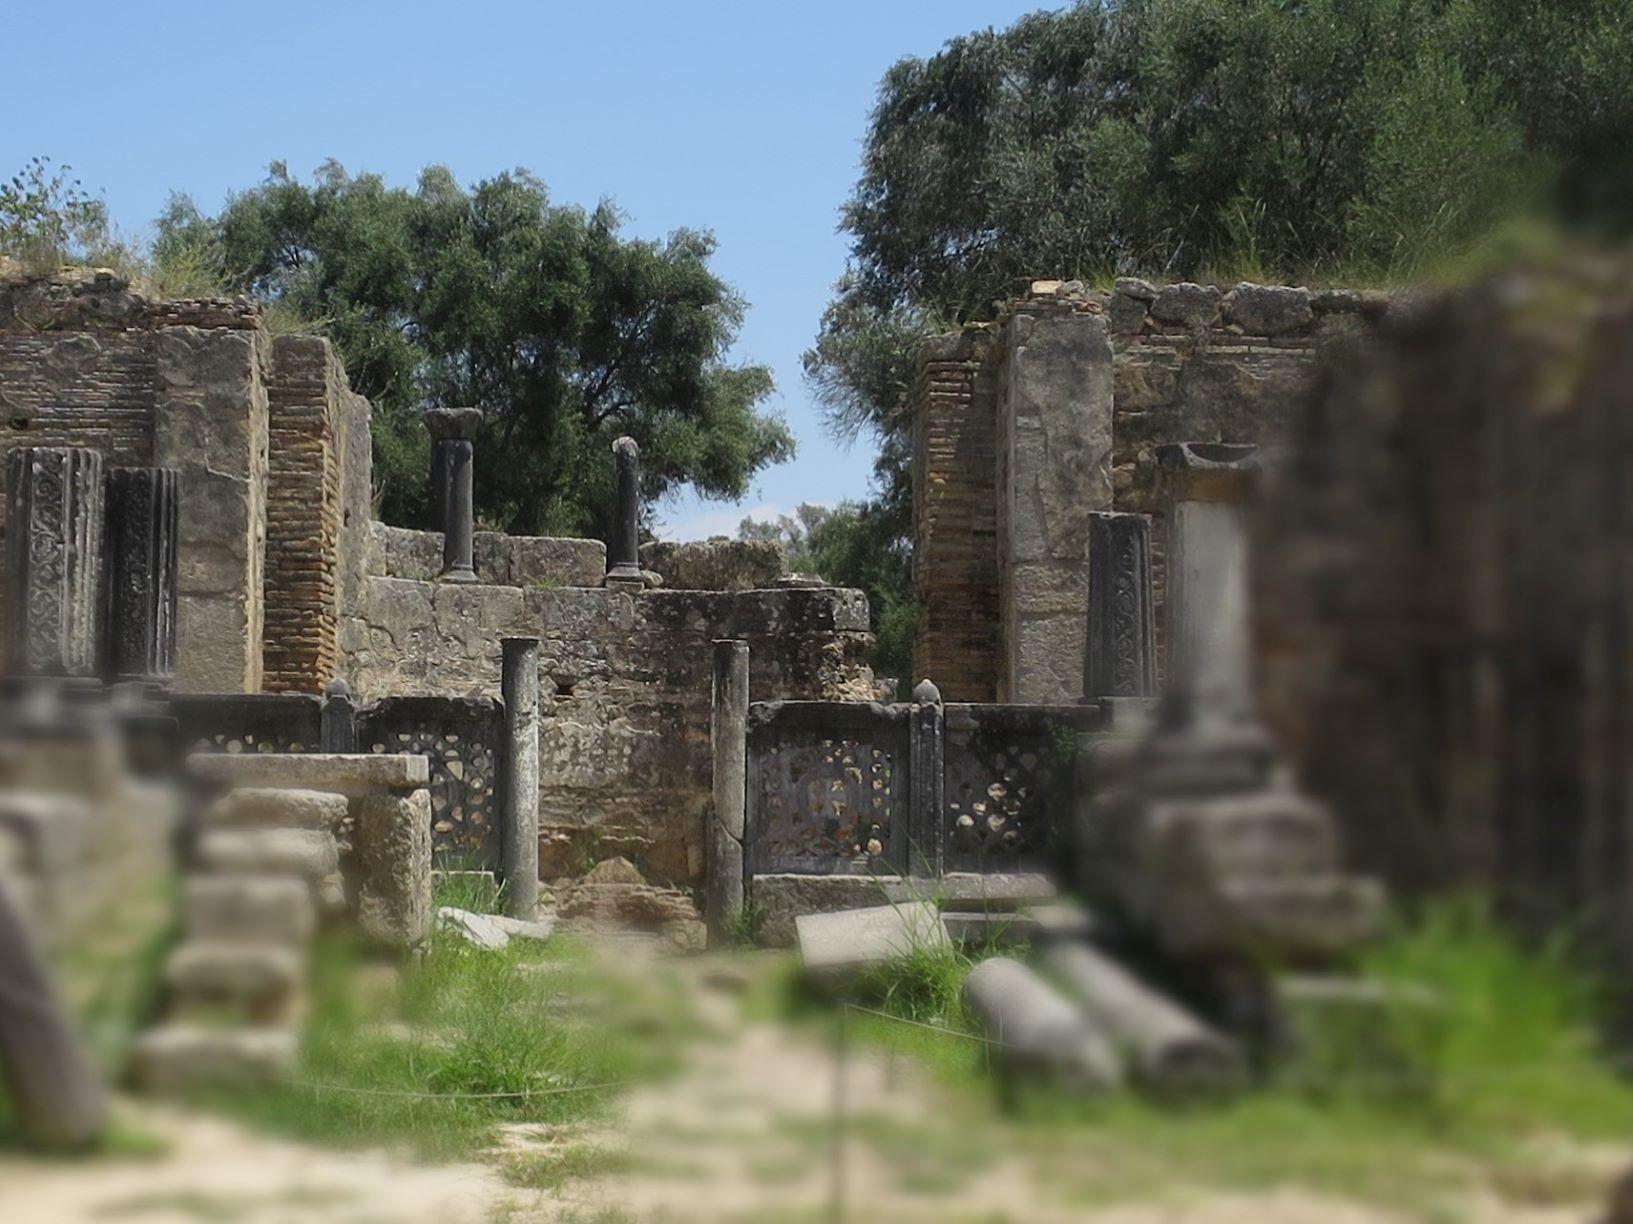 オリンピア遺跡